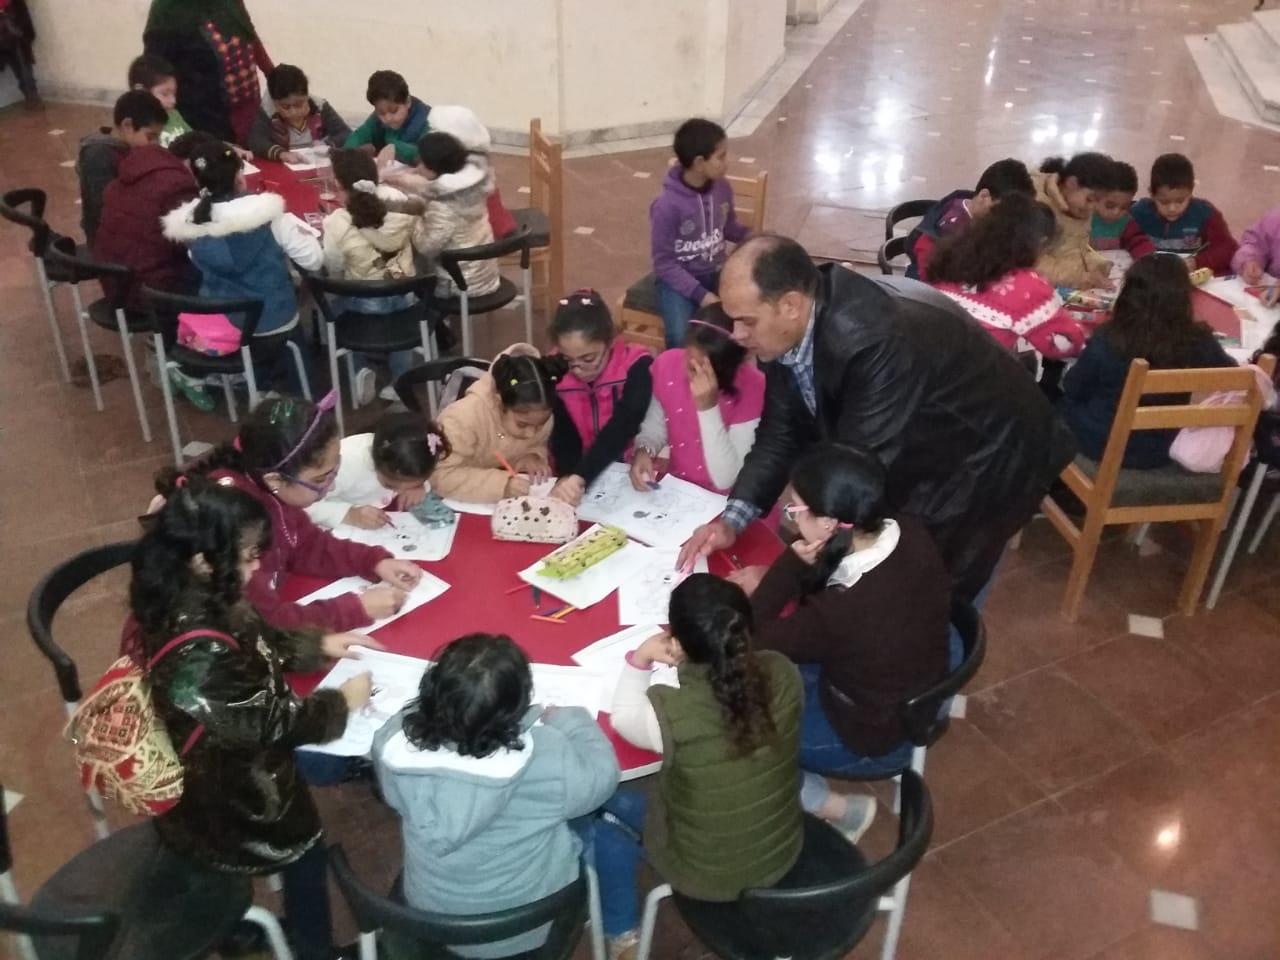 ورشة خط عربى بمركز الإبداع الفنى بدمنهور (13)